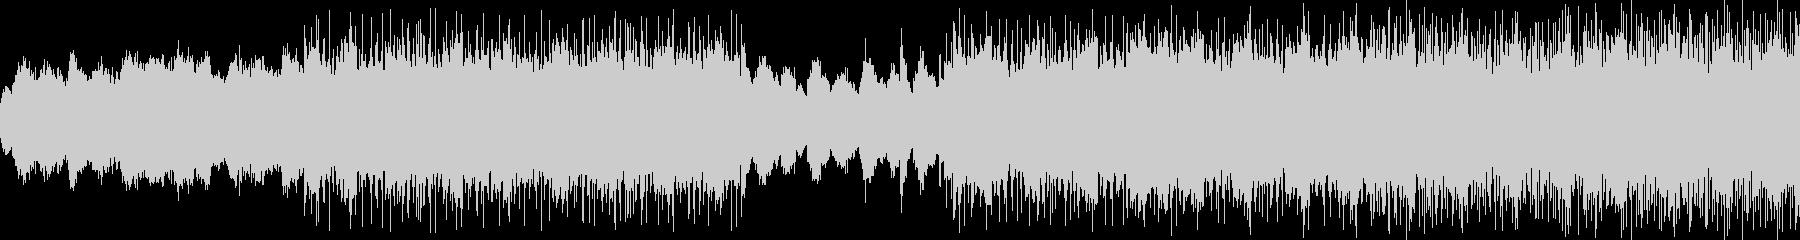 サイバーなBGMの未再生の波形